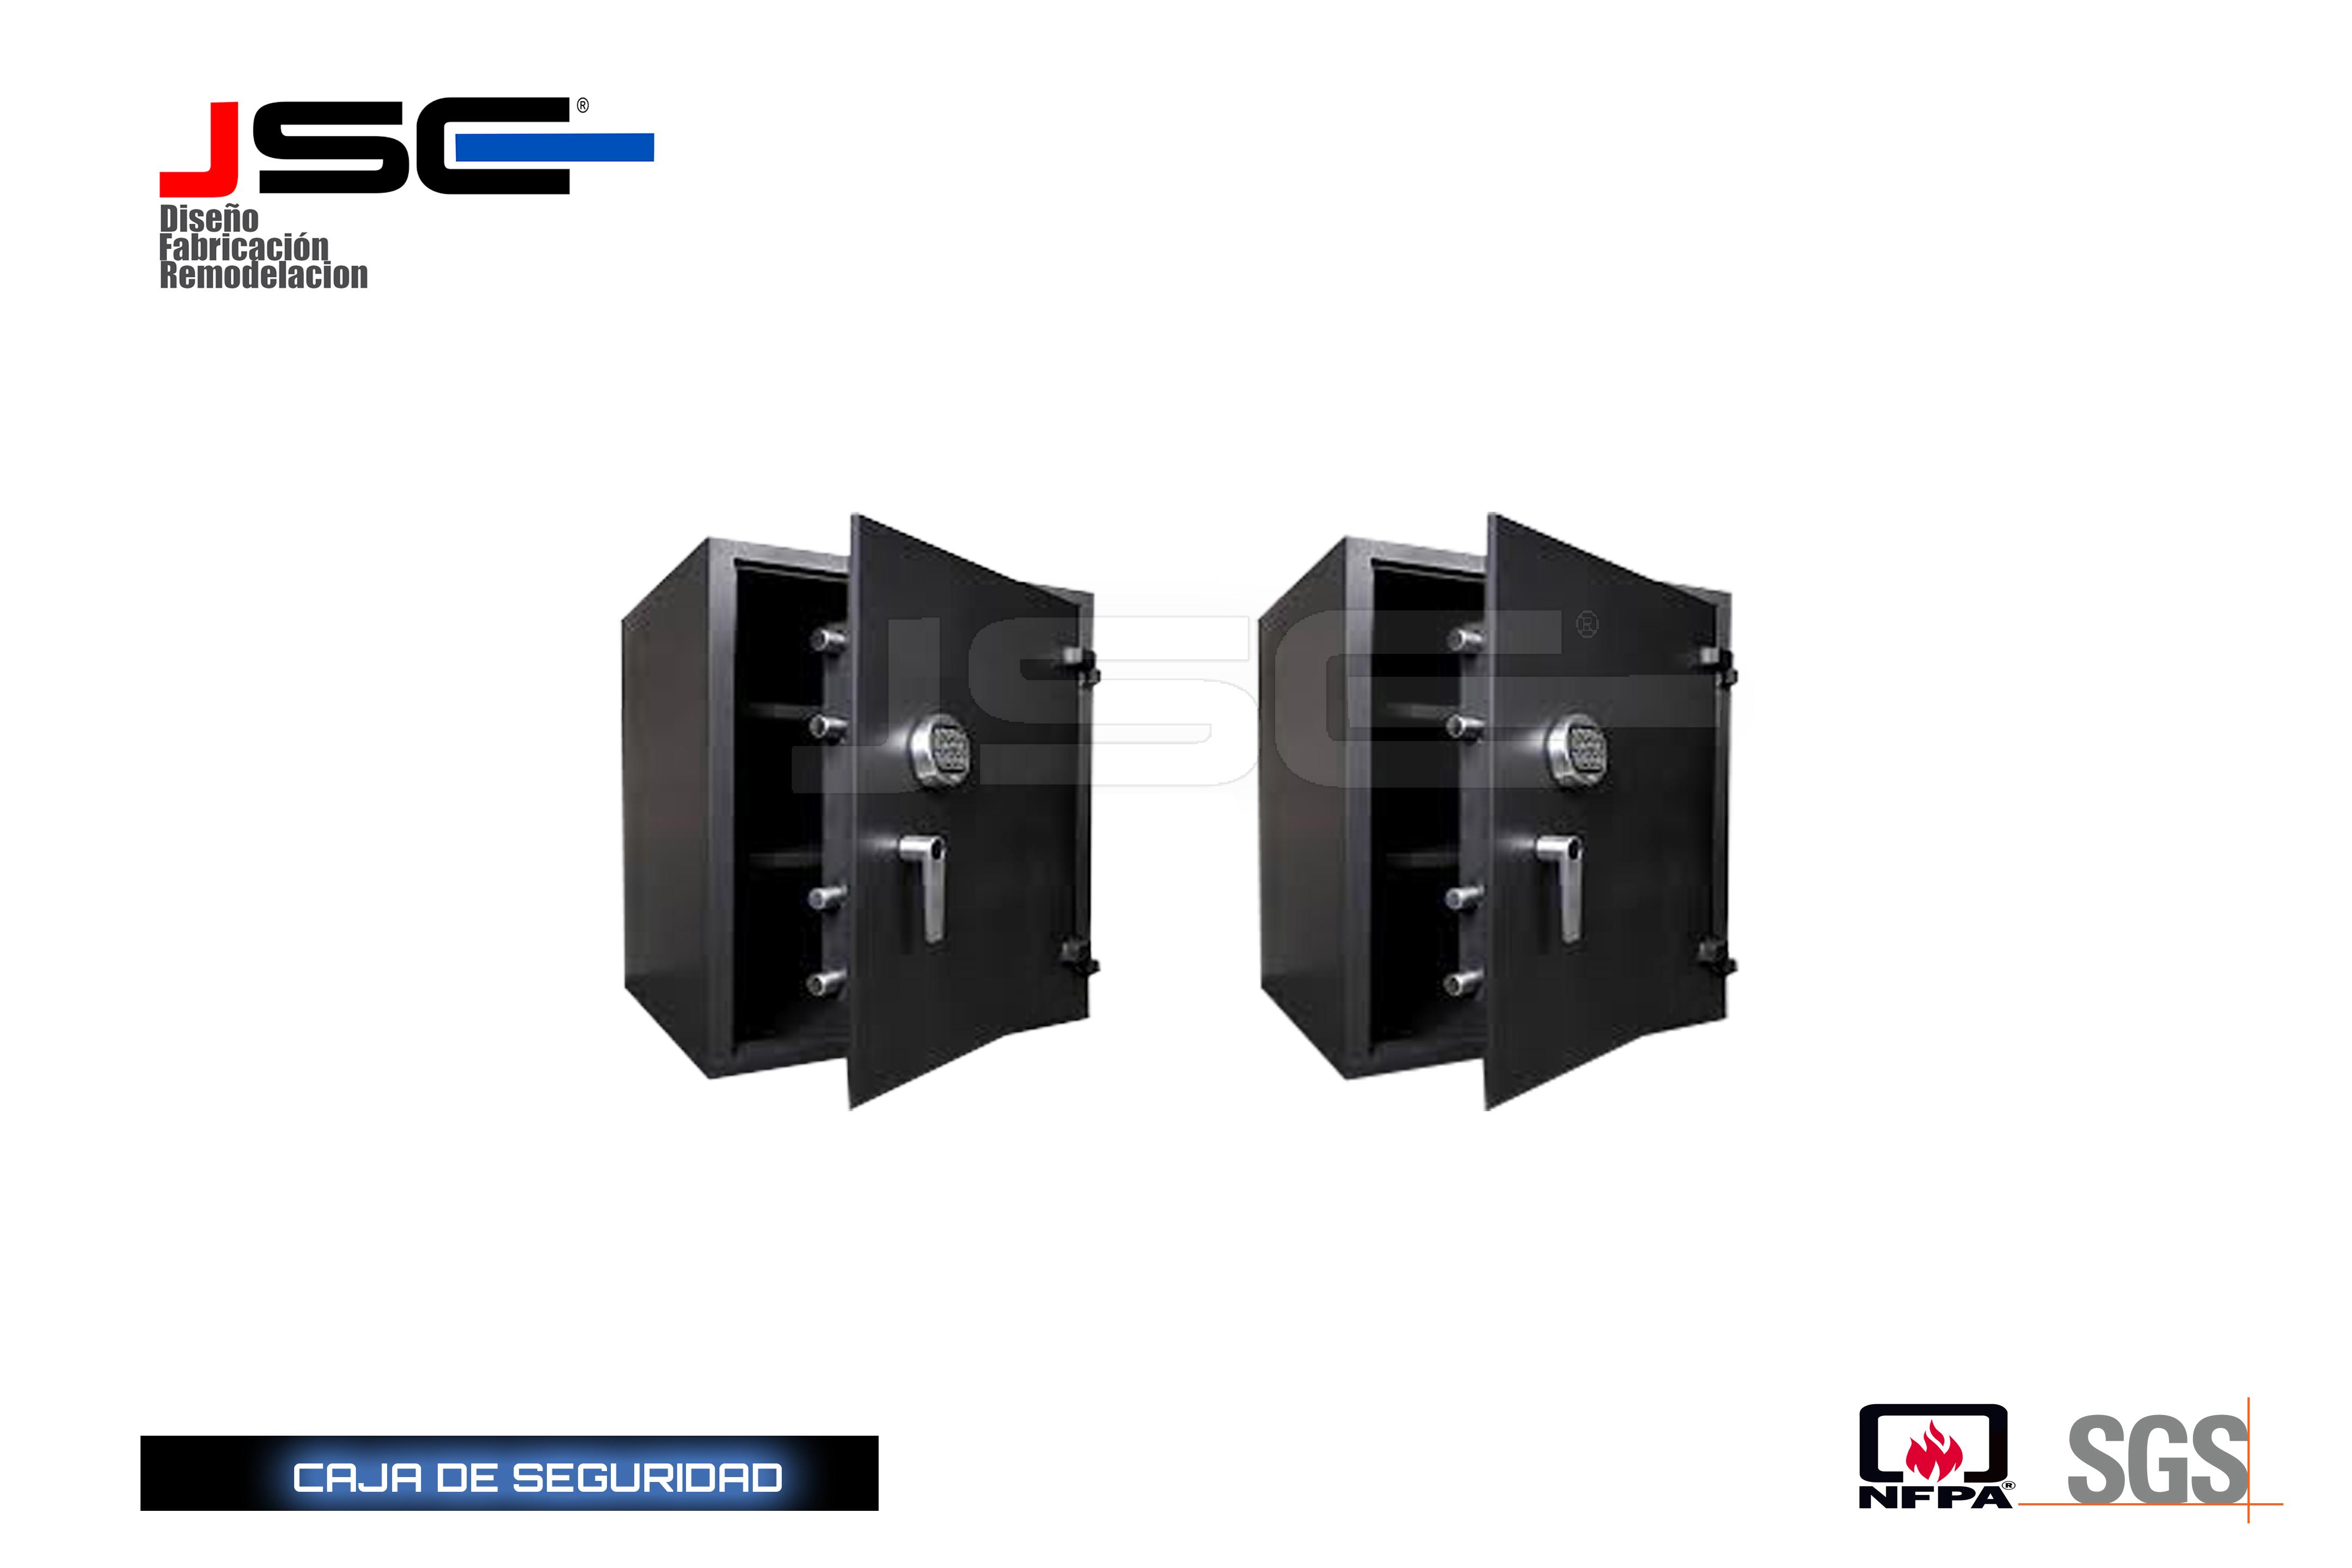 Caja de piso JSCP006